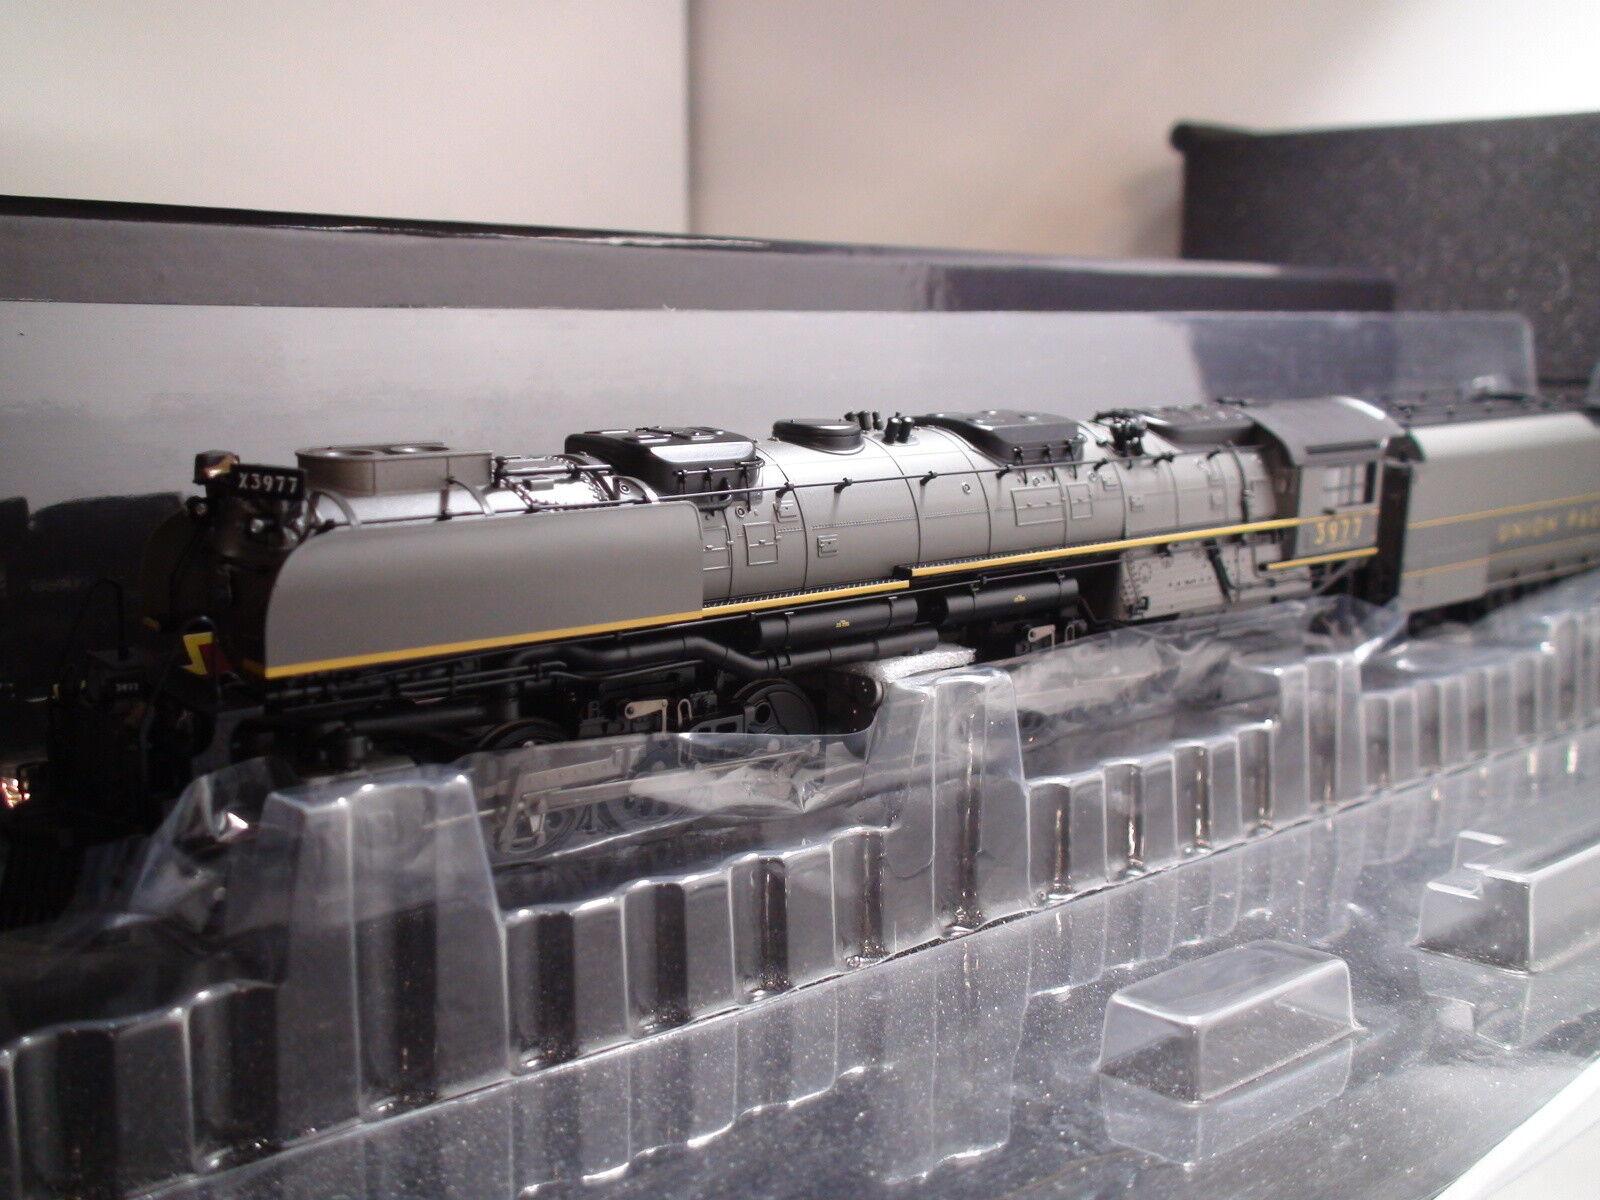 Ho-broadway begrenzt 4984 auf herausforderer 4-6-6-4,   3977, museum version, zwei ton